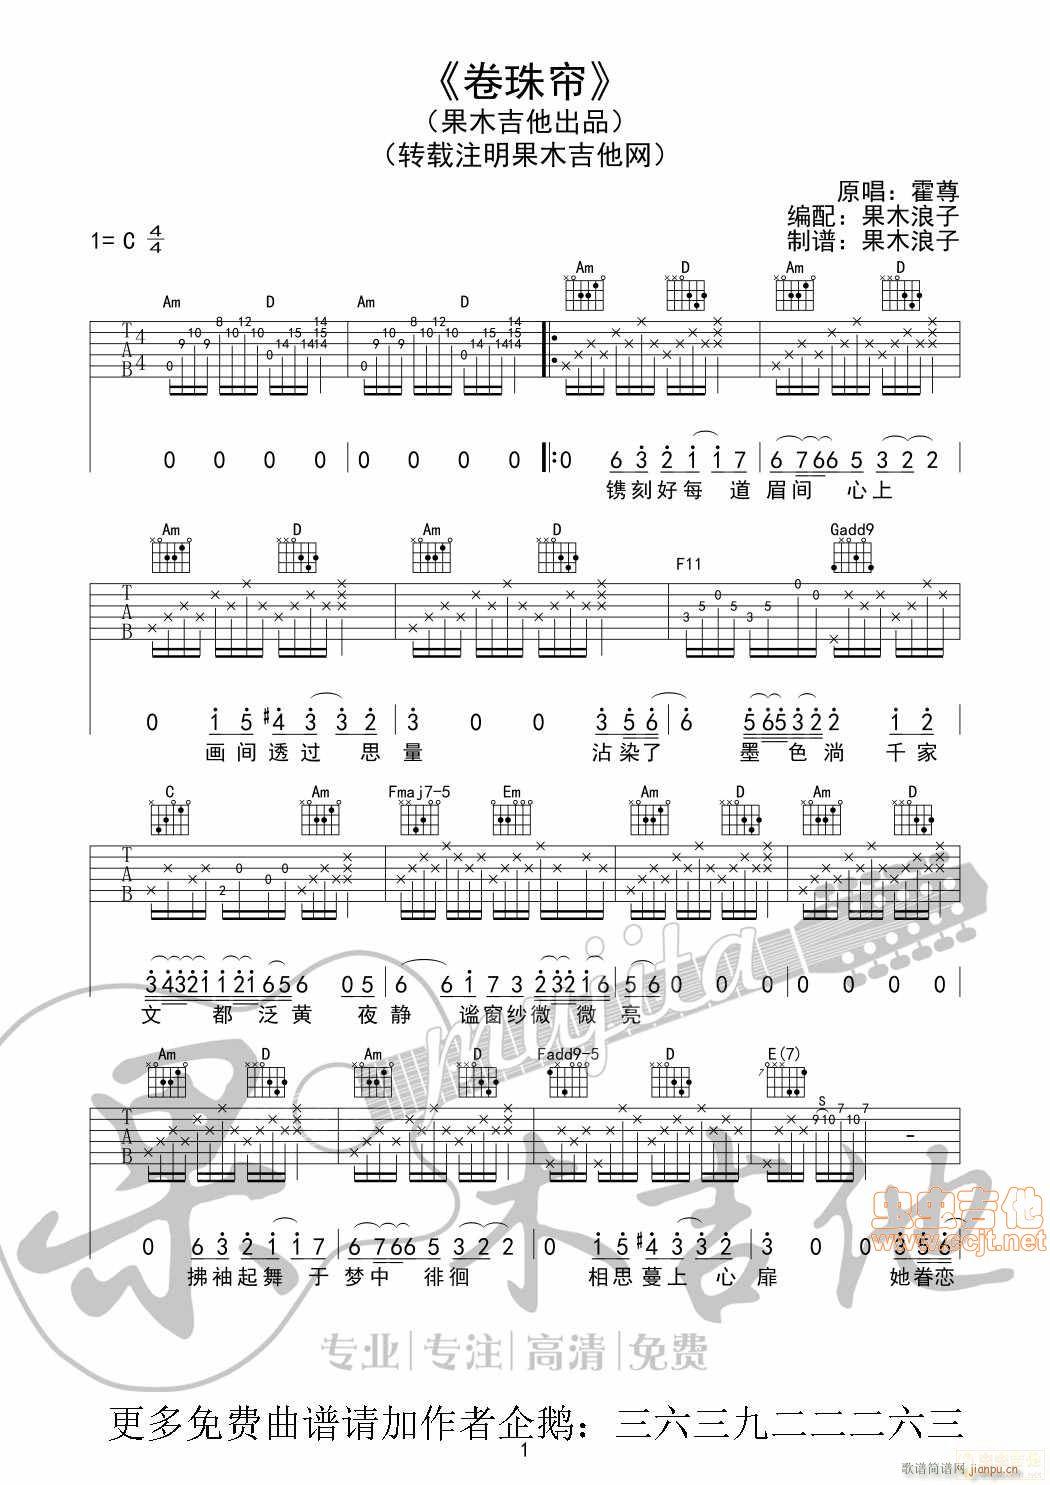 卷珠帘 中国好歌曲曲目(吉他谱)1